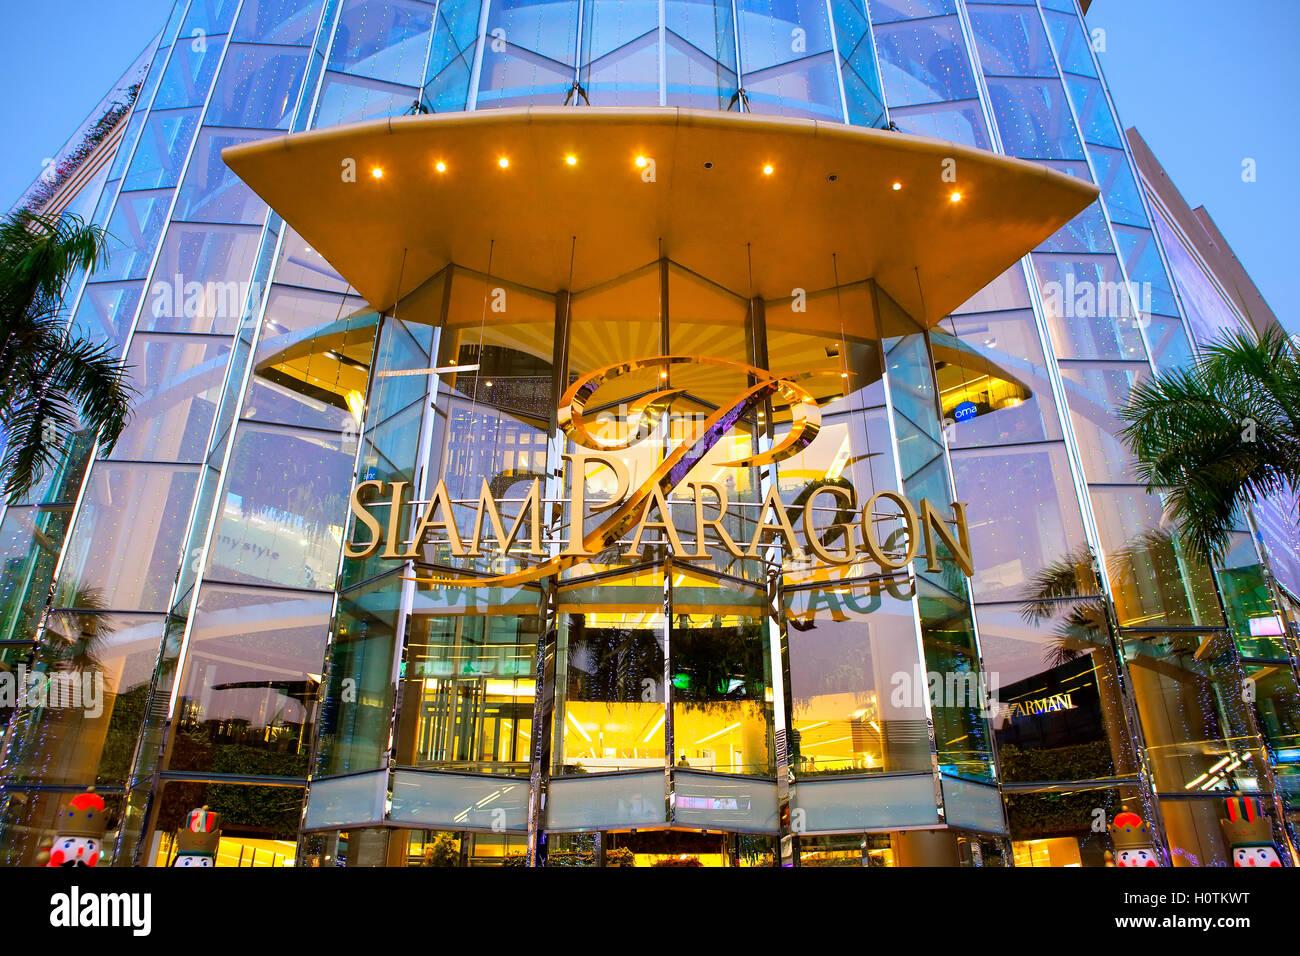 Siam square in Bangkok - Stock Image